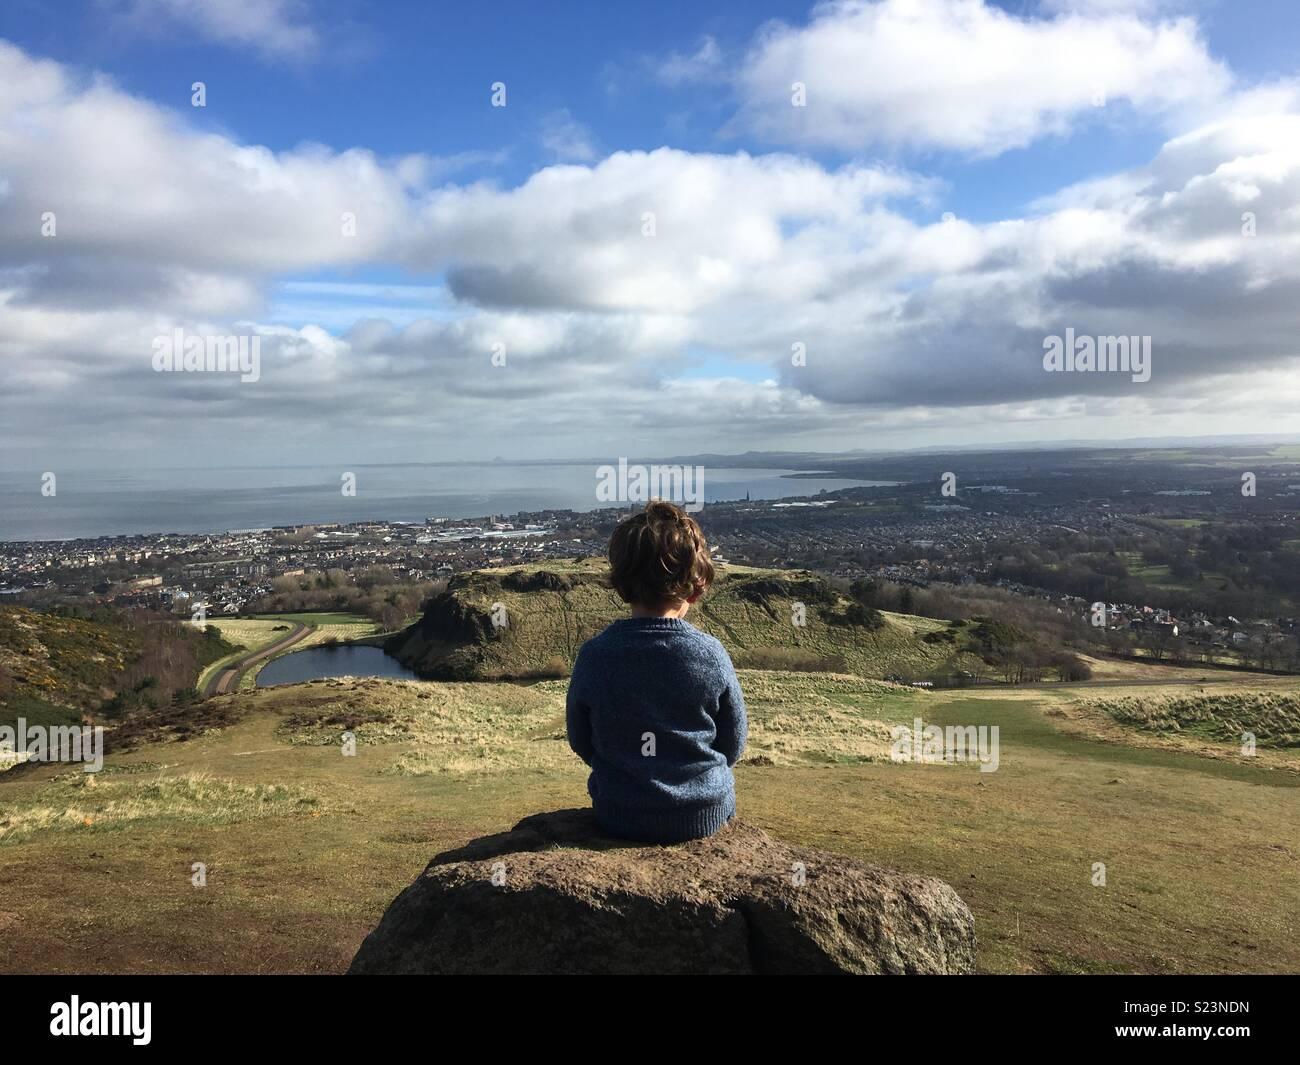 Garçon assis sur le siège d'Arthur, Édimbourg Photo Stock